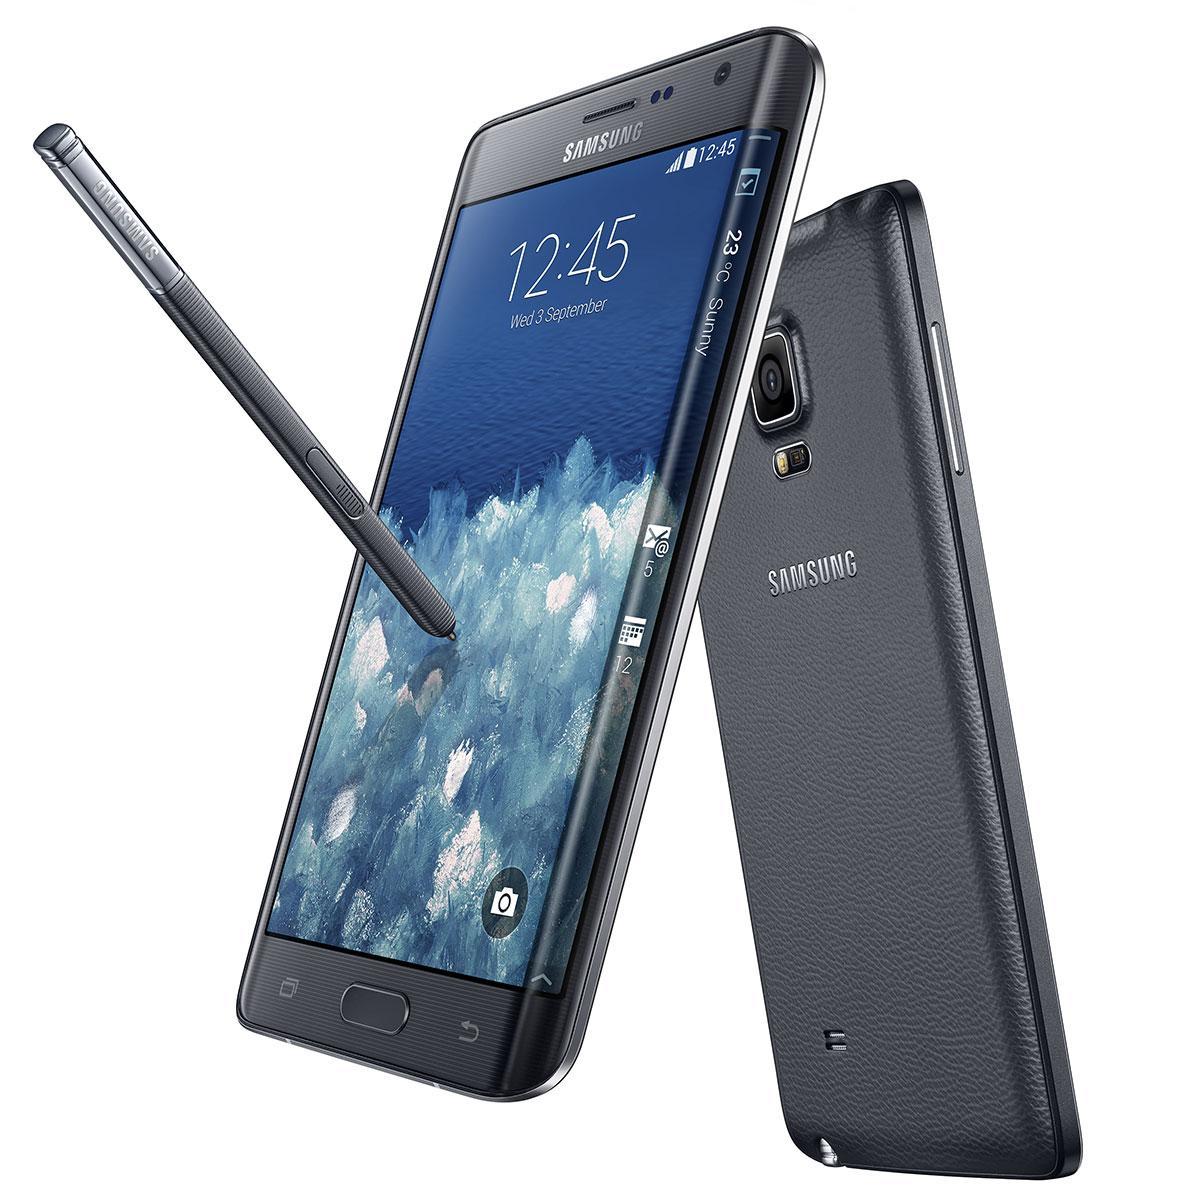 Samsung Galaxy Note Edge en color negro.